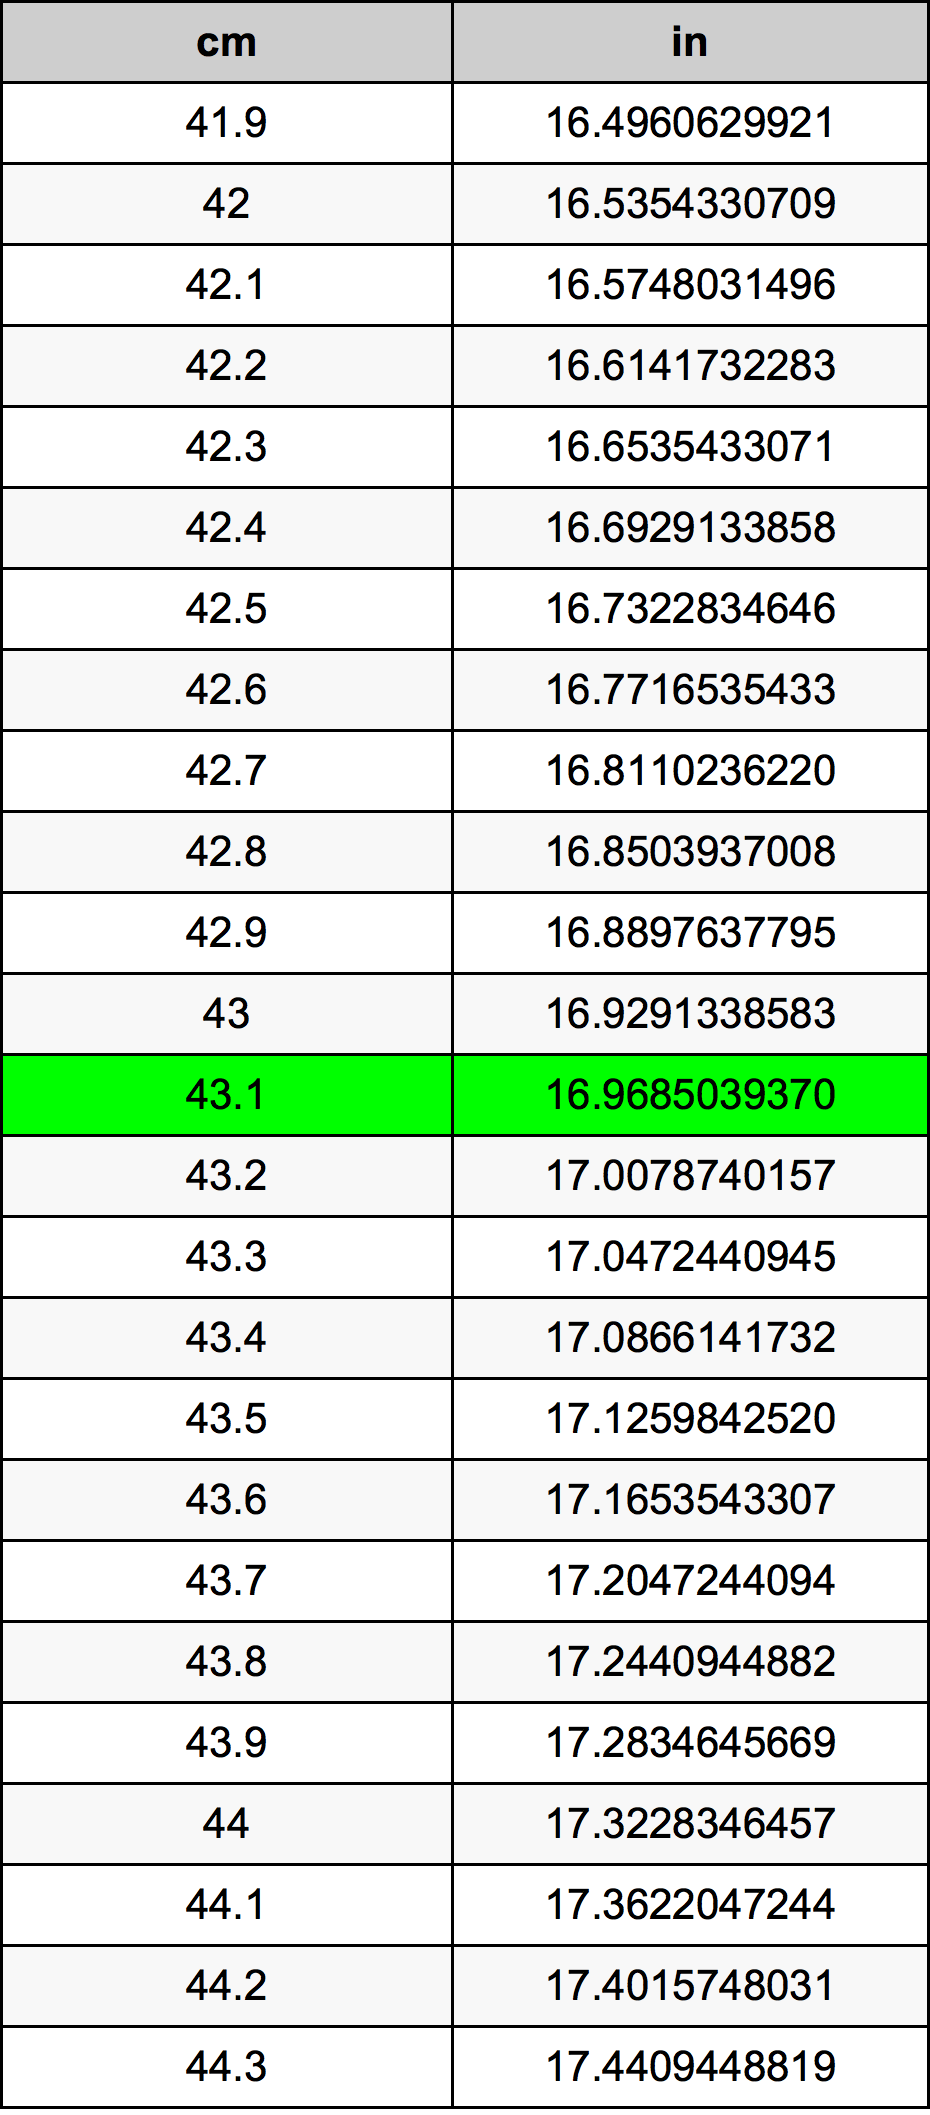 43.1 Centímetro tabela de conversão